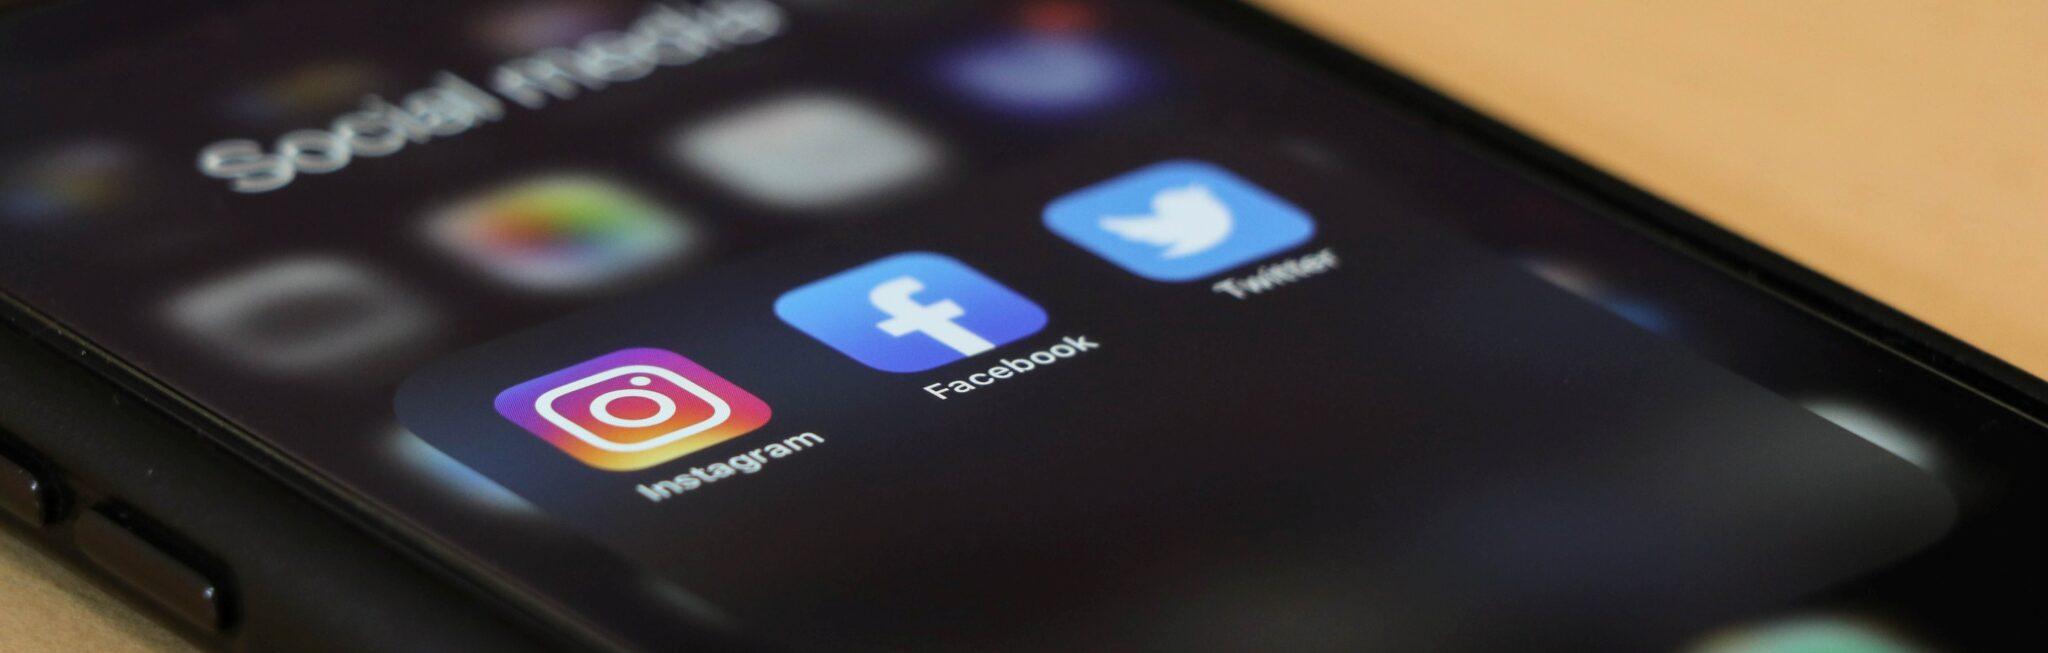 social media and digital transformation